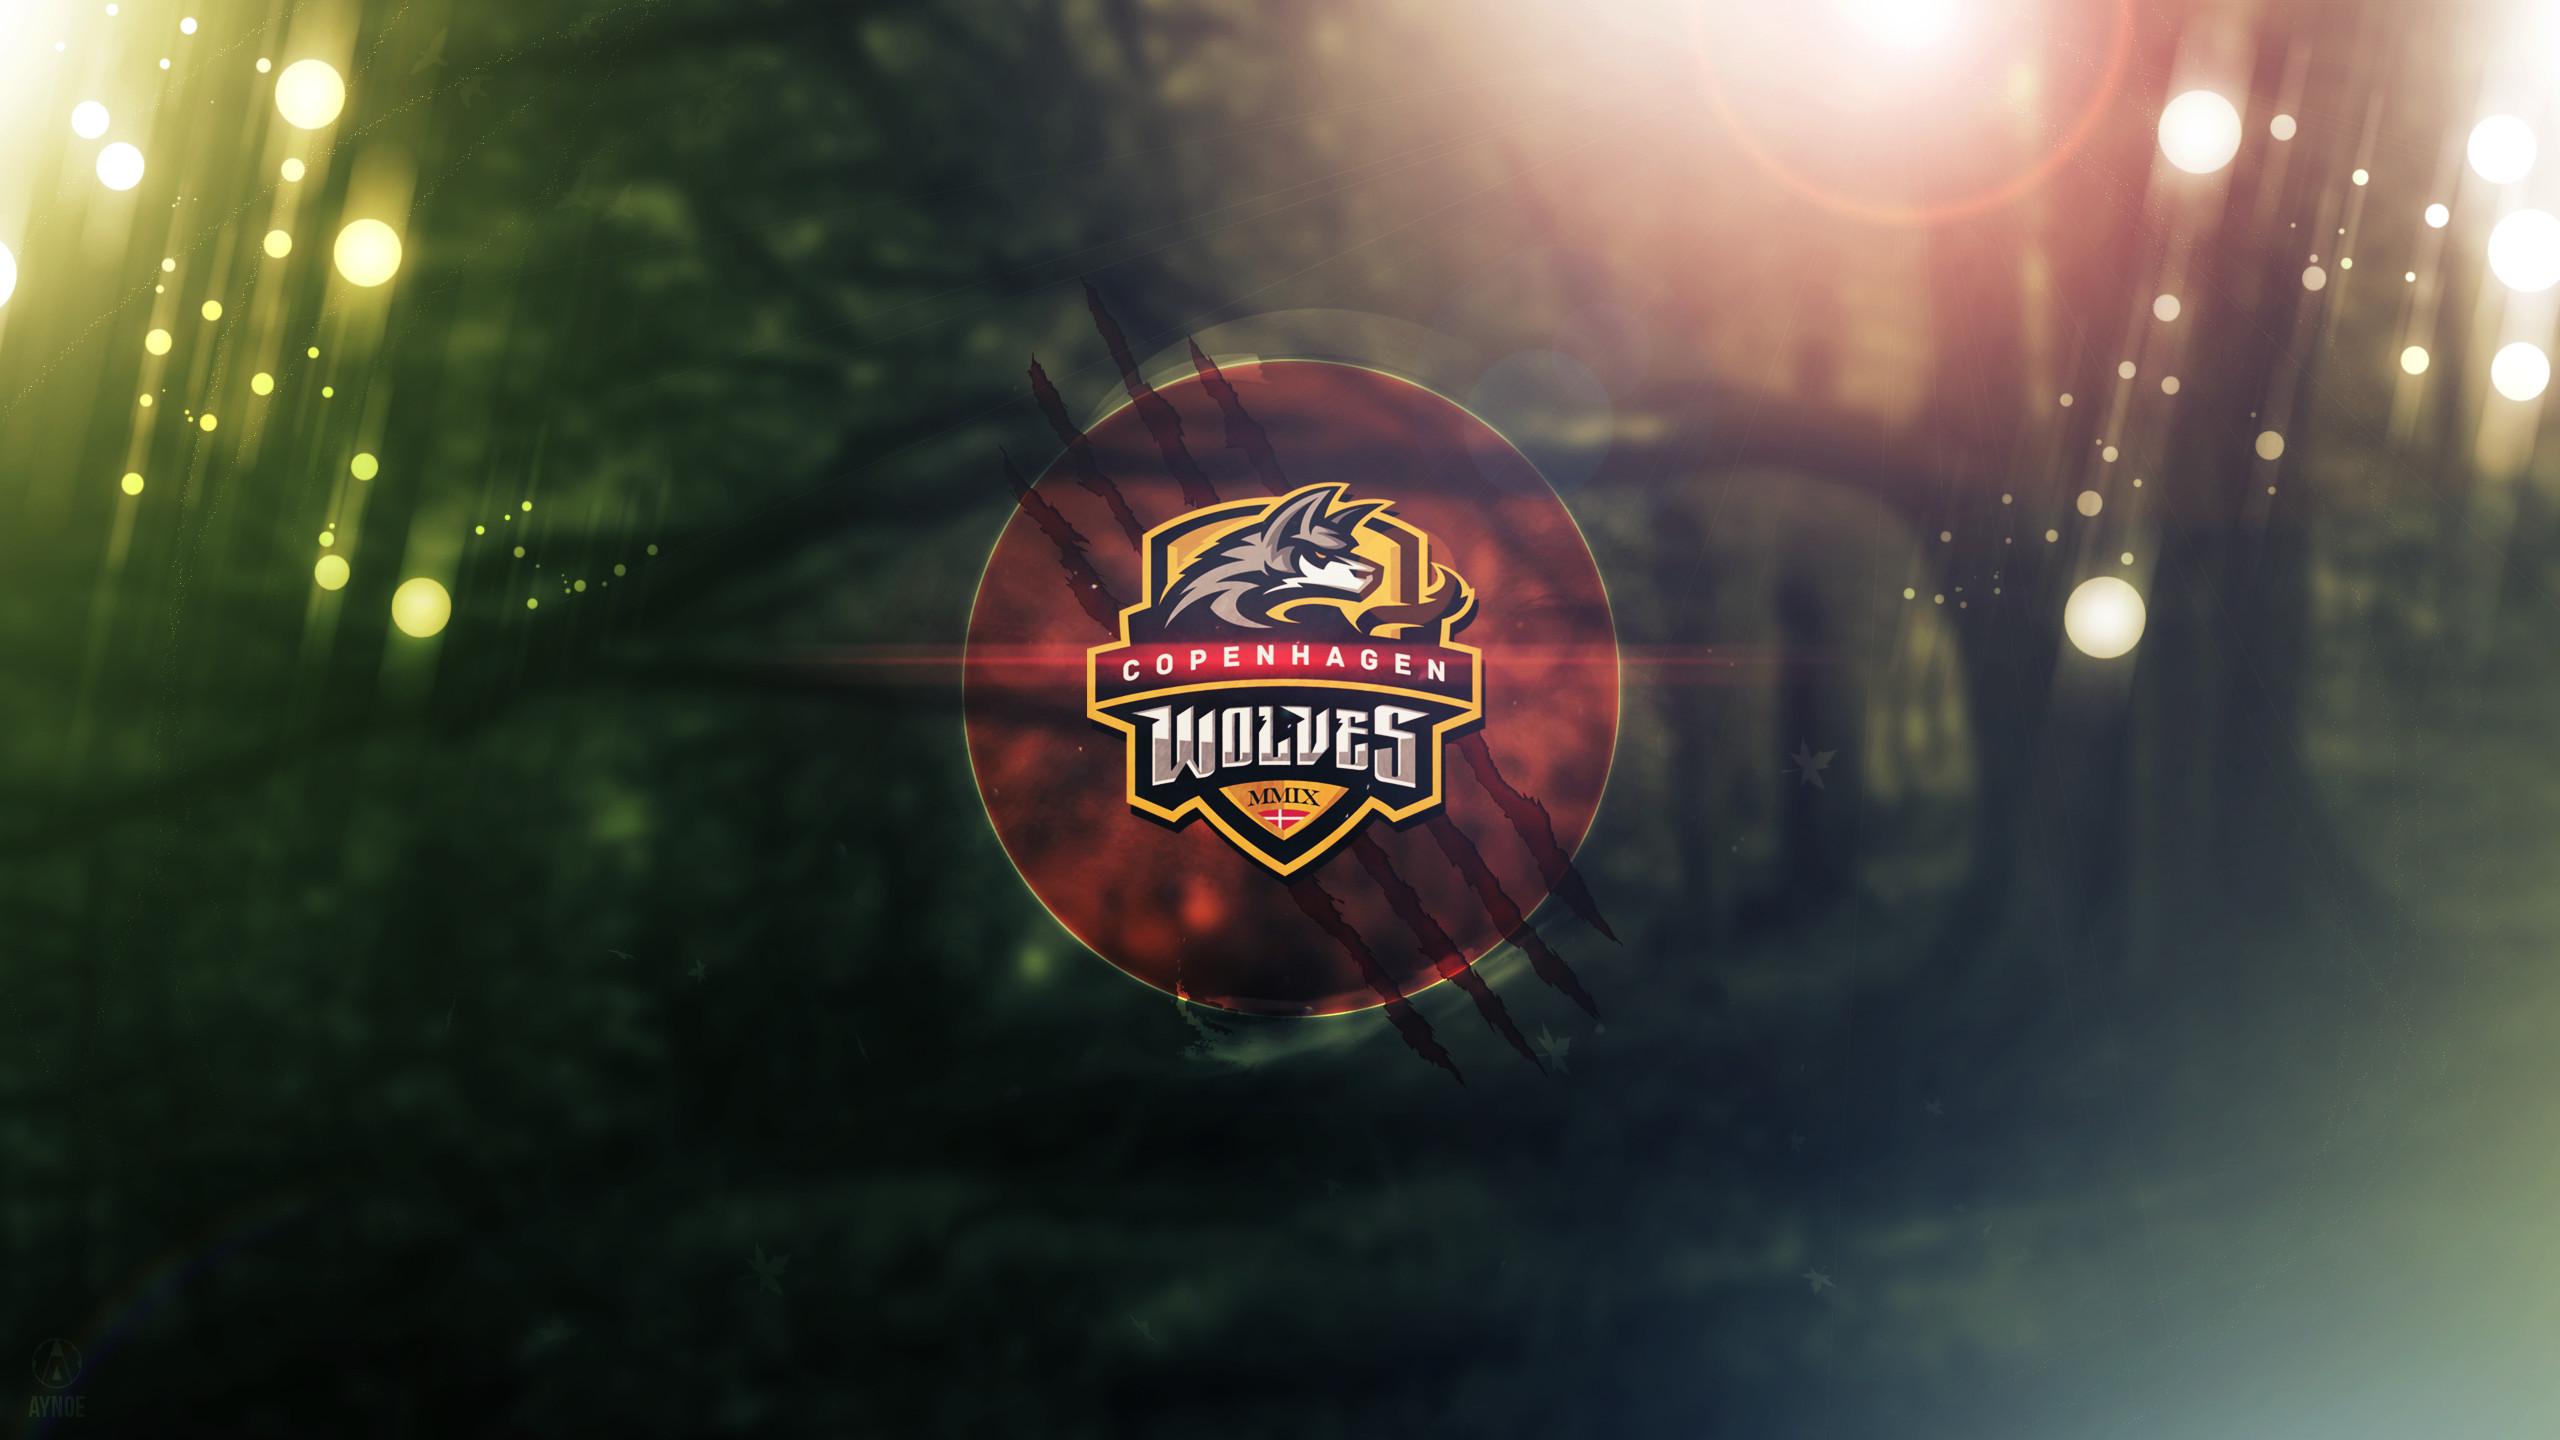 … Copenhagen W. Wallpaper Logo – League of Legends by Aynoe